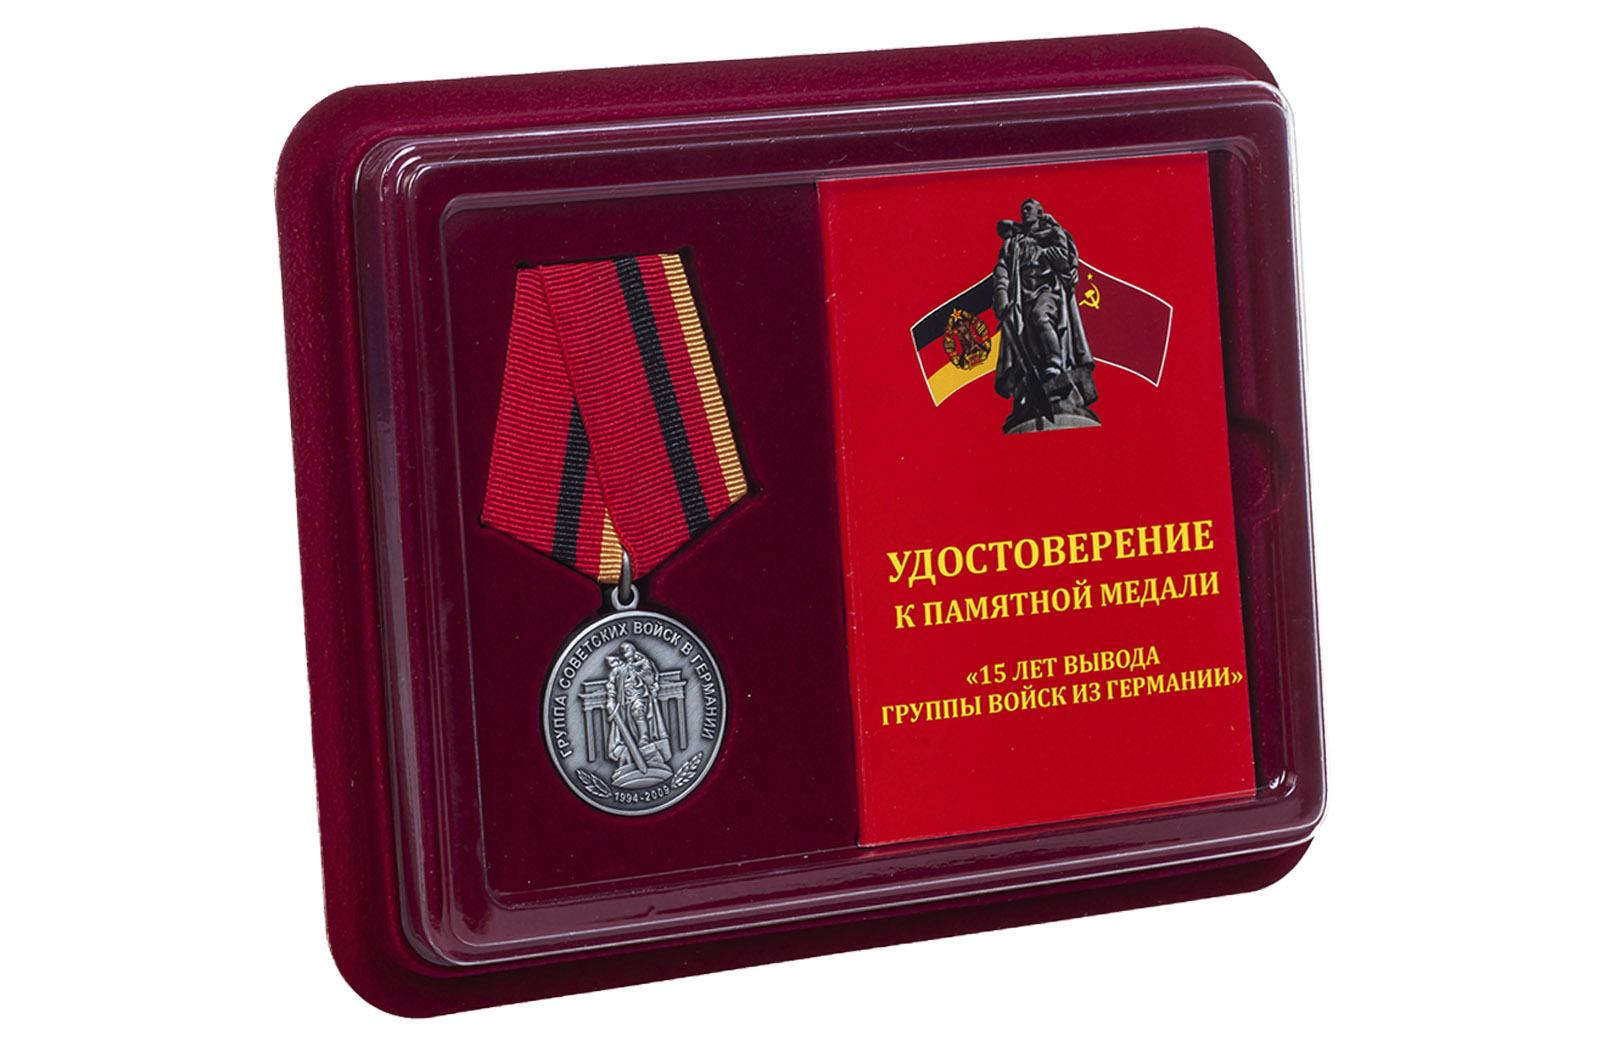 Купить медаль 15 лет вывода Группы войск из Германии оптом или в розницу